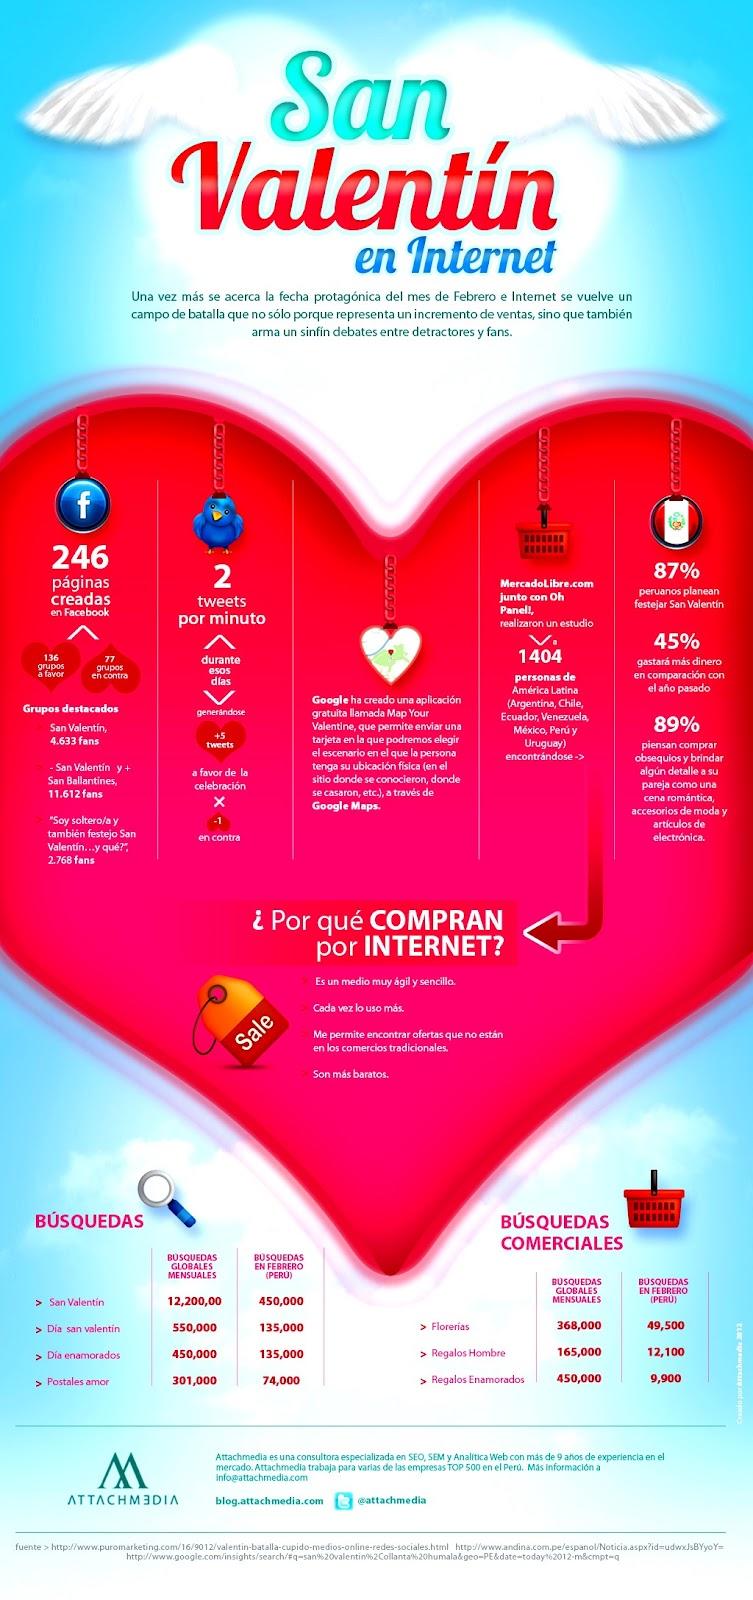 San valentin en internet